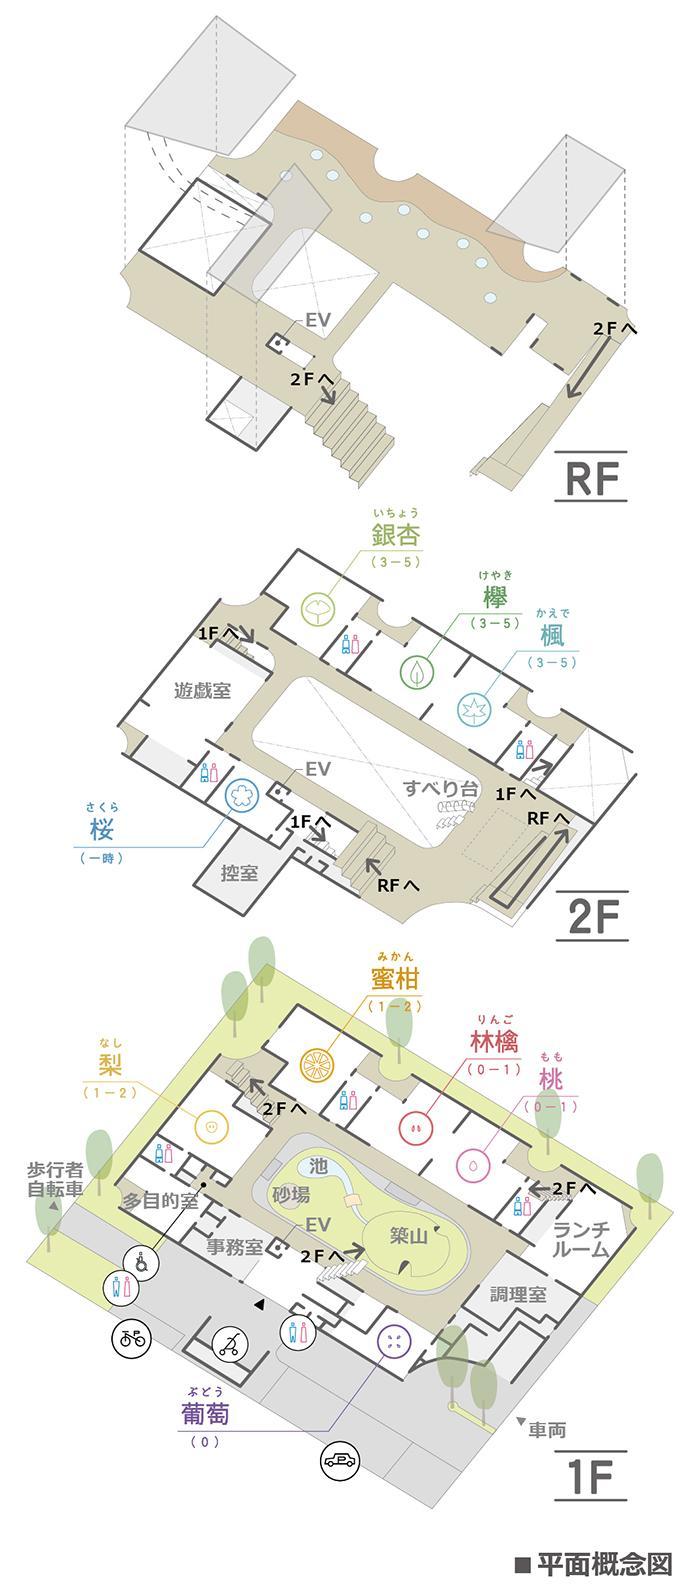 あまねの杜保育園の平面概念図